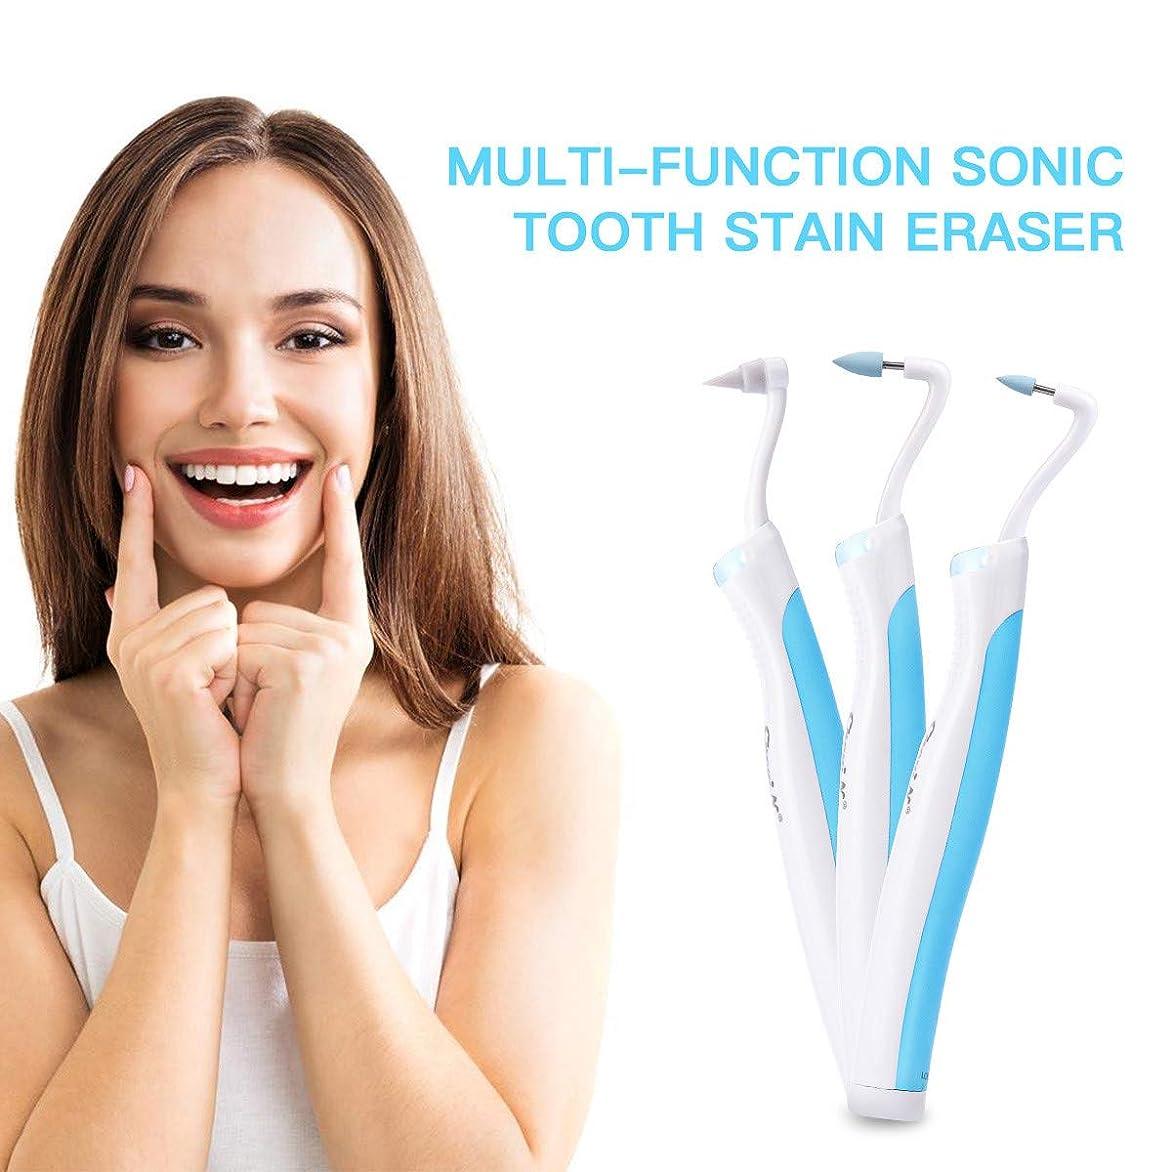 キャンディー原子スタイル歯の消しゴム 電動 LED 歯科用ツール 歯間クリーナー CkeyiN 歯石取り 歯垢取り 口腔ケア オーラルケア